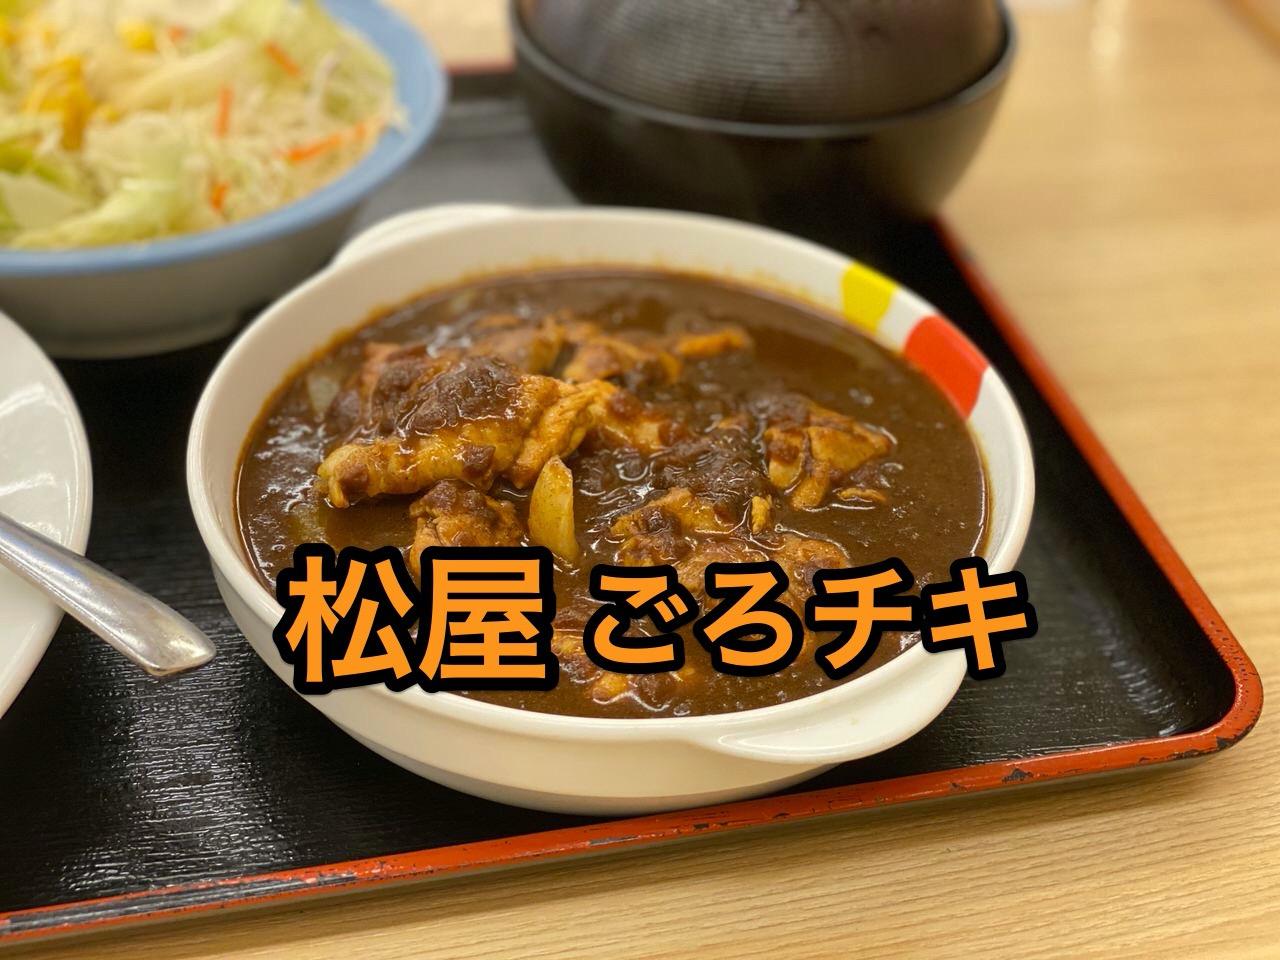 【松屋】「ごろごろ煮込みチキンカレー」1週間限定で復活したから食べてきた!